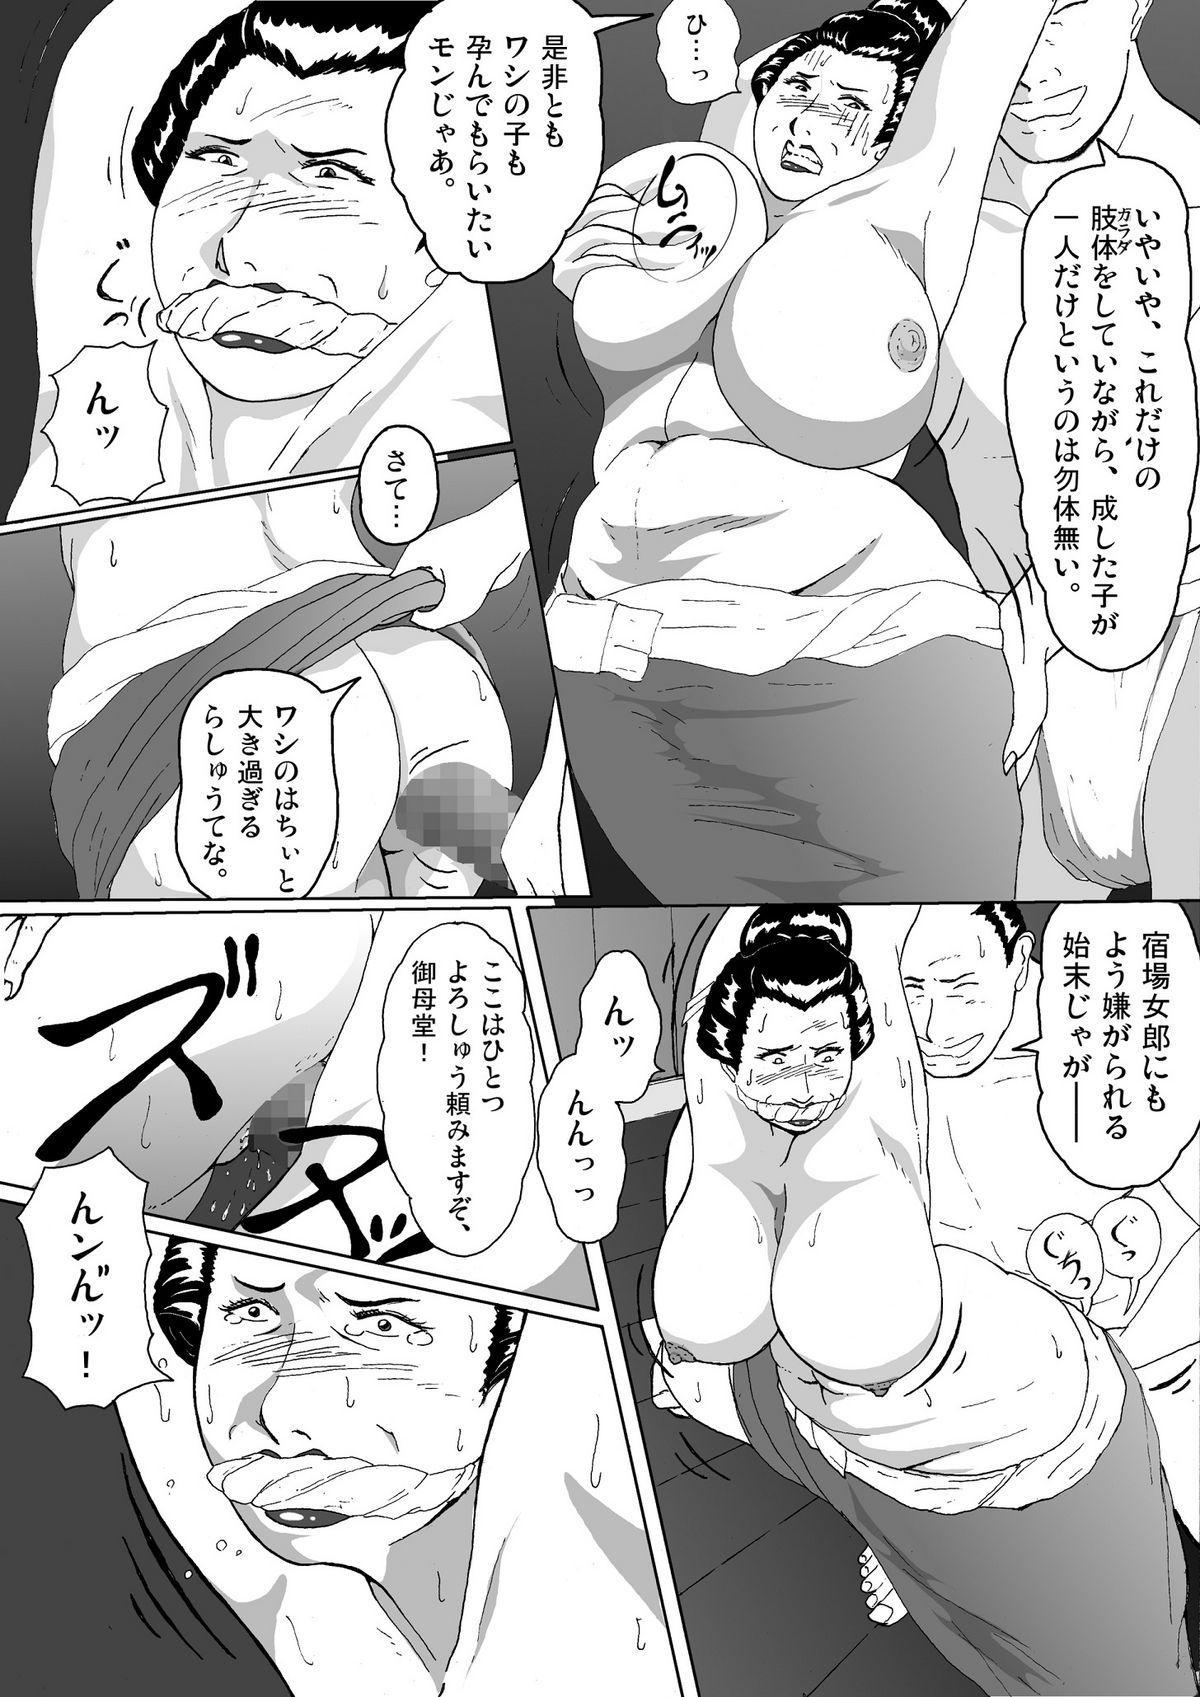 Toriko Naka Joku Hana 9